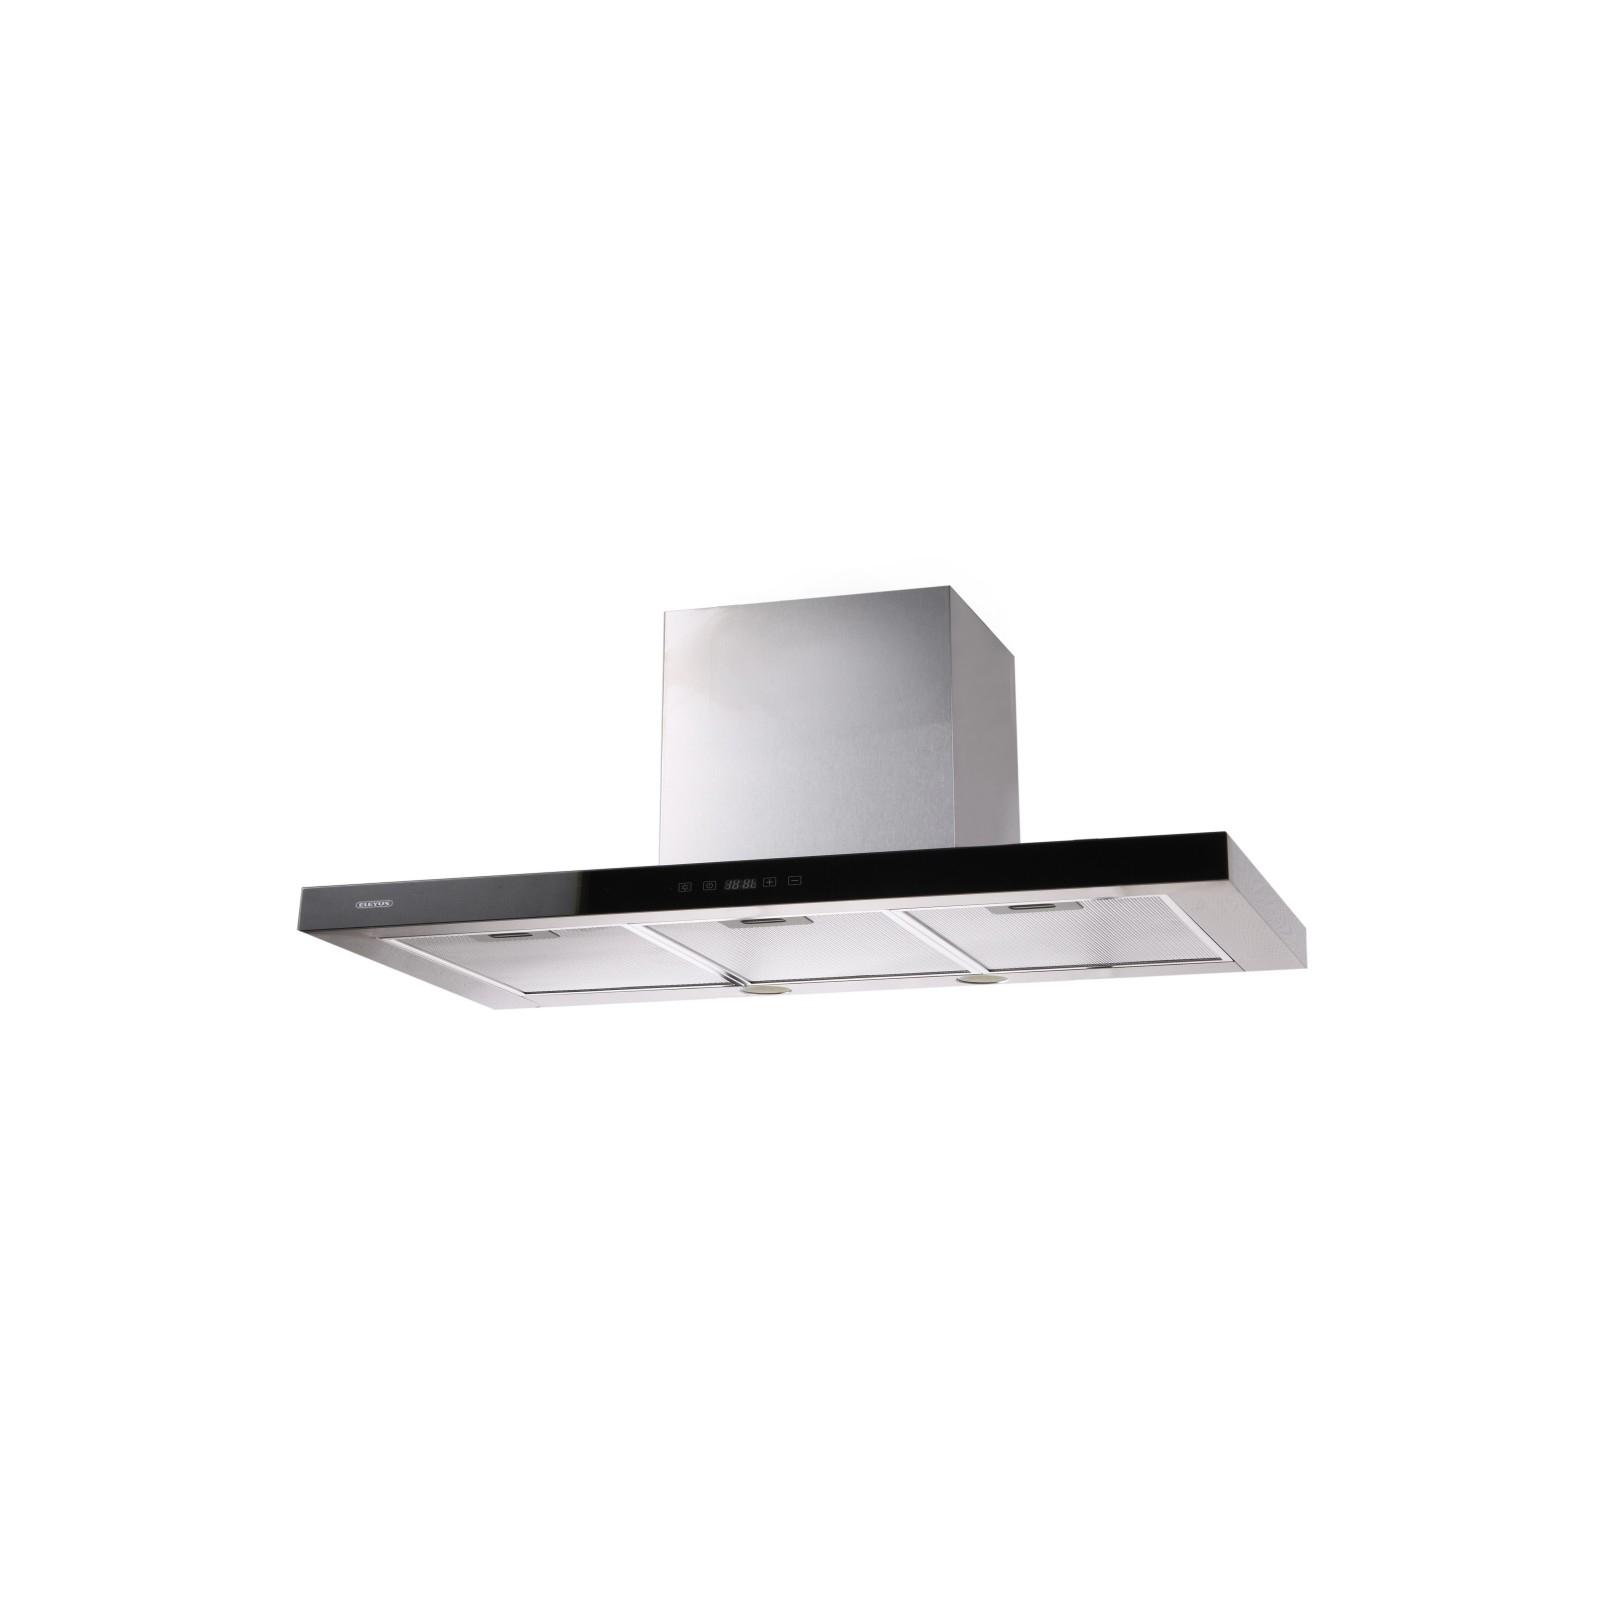 Вытяжка кухонная Eleyus Stels 1200 LED SMD 90 IS+BL (Stels1200LEDSMD90IS+BL) изображение 3